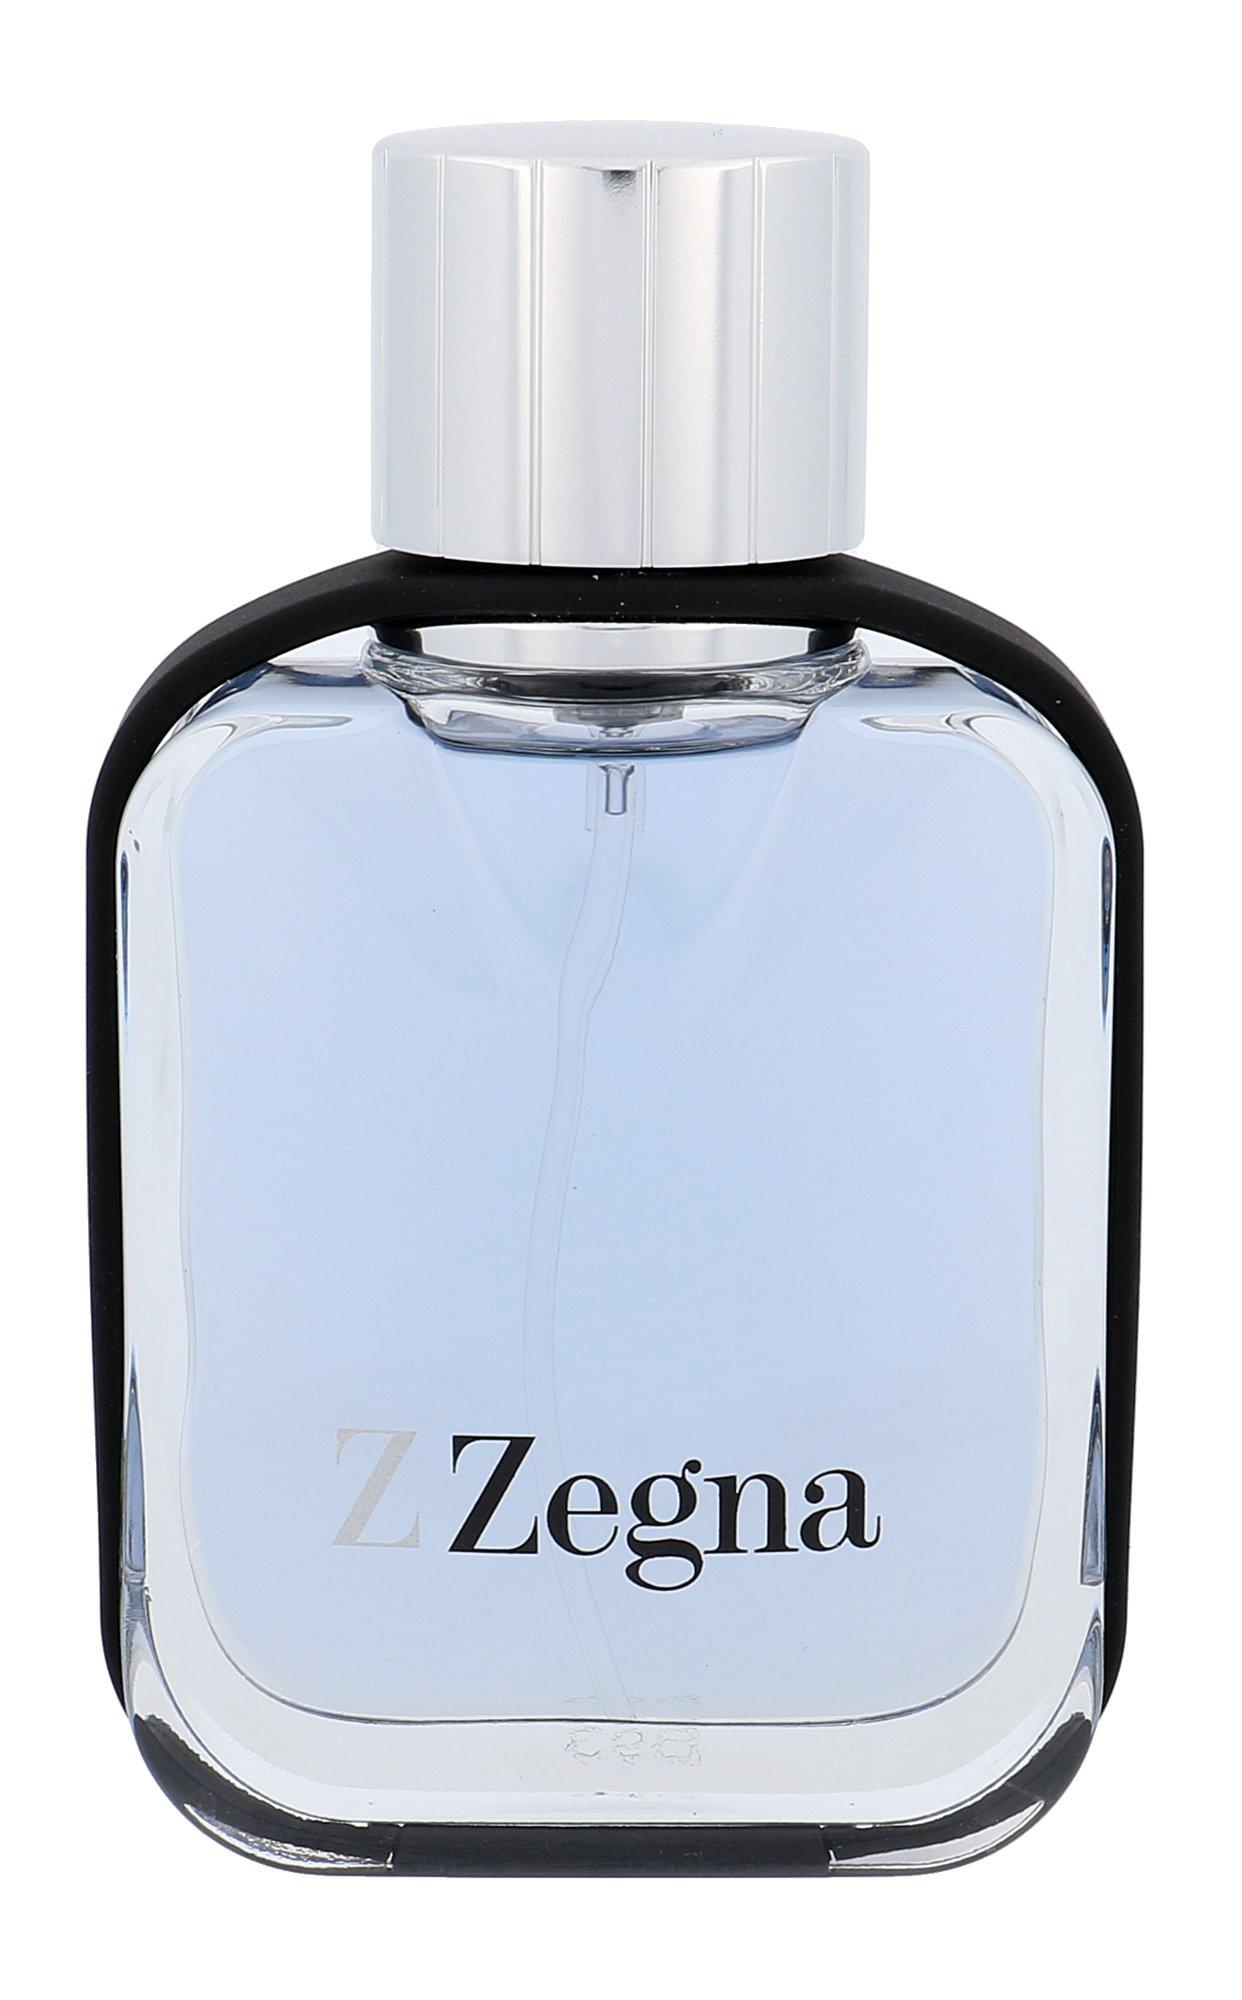 Ermenegildo Zegna Z Zegna, edt 50ml